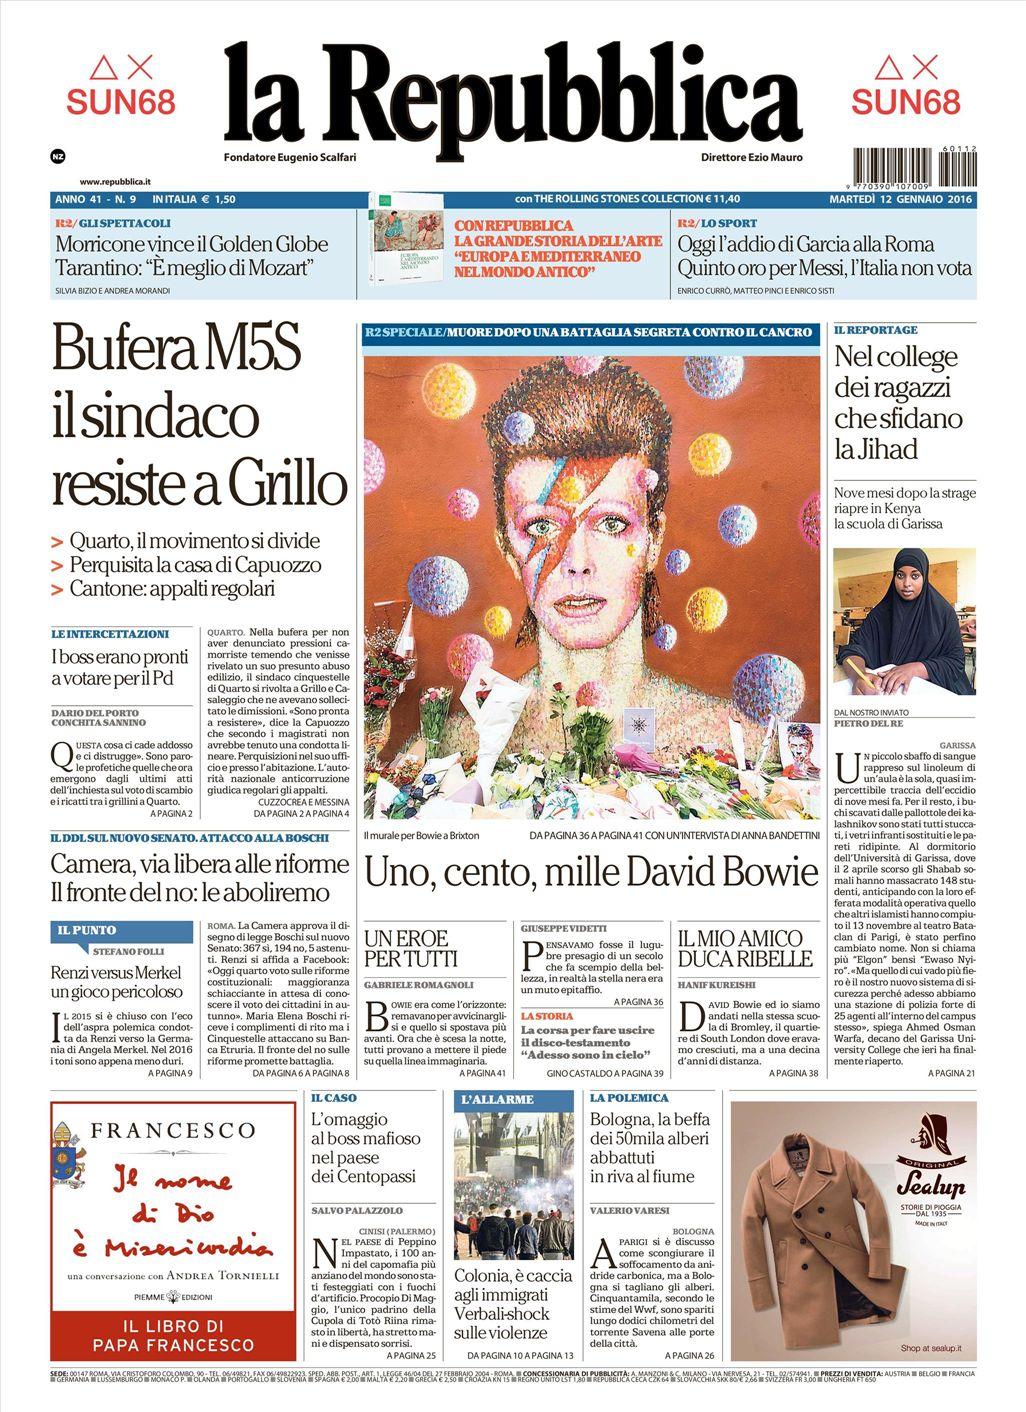 La Repubblica It Nel 2019: Le Prime Pagine Dei Quotidiani Che Sono In Edicola Oggi 12